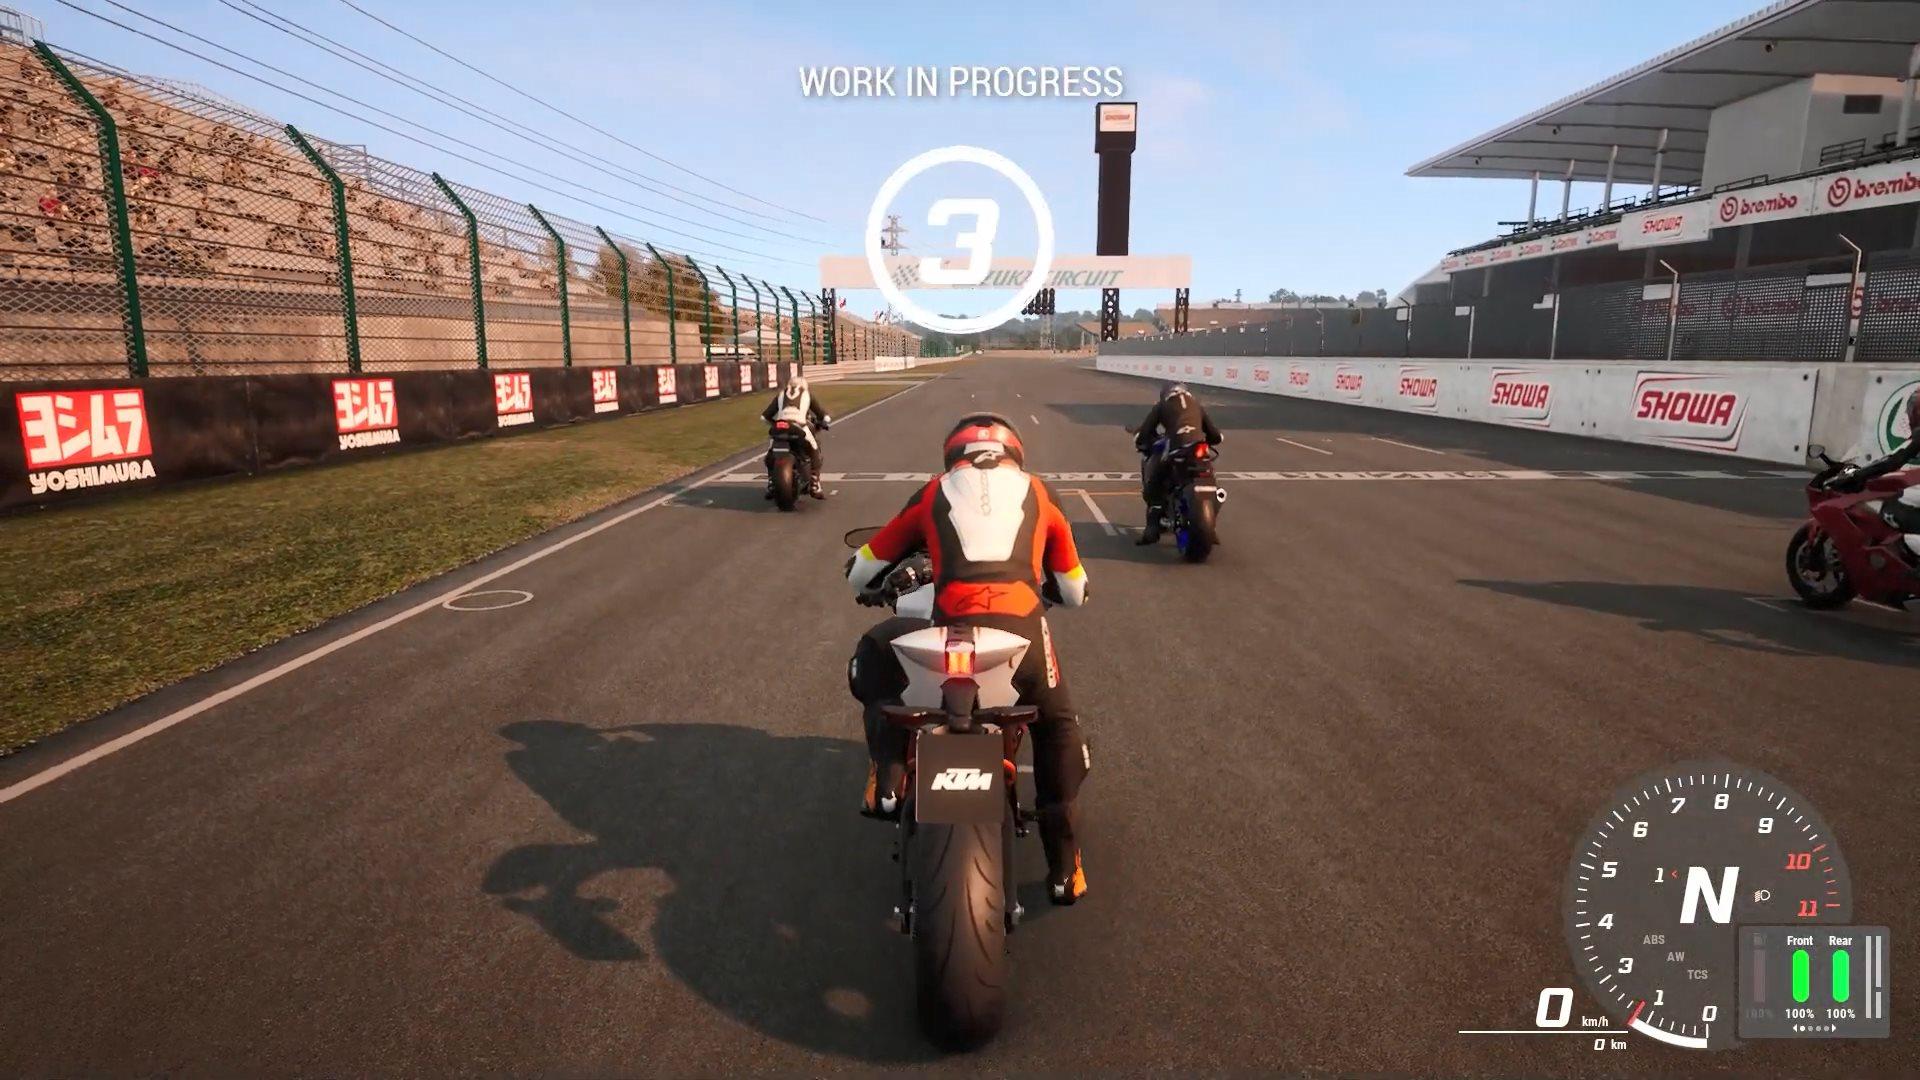 《极速骑行4》释出官方实机预告 高拟真度摩托竞速